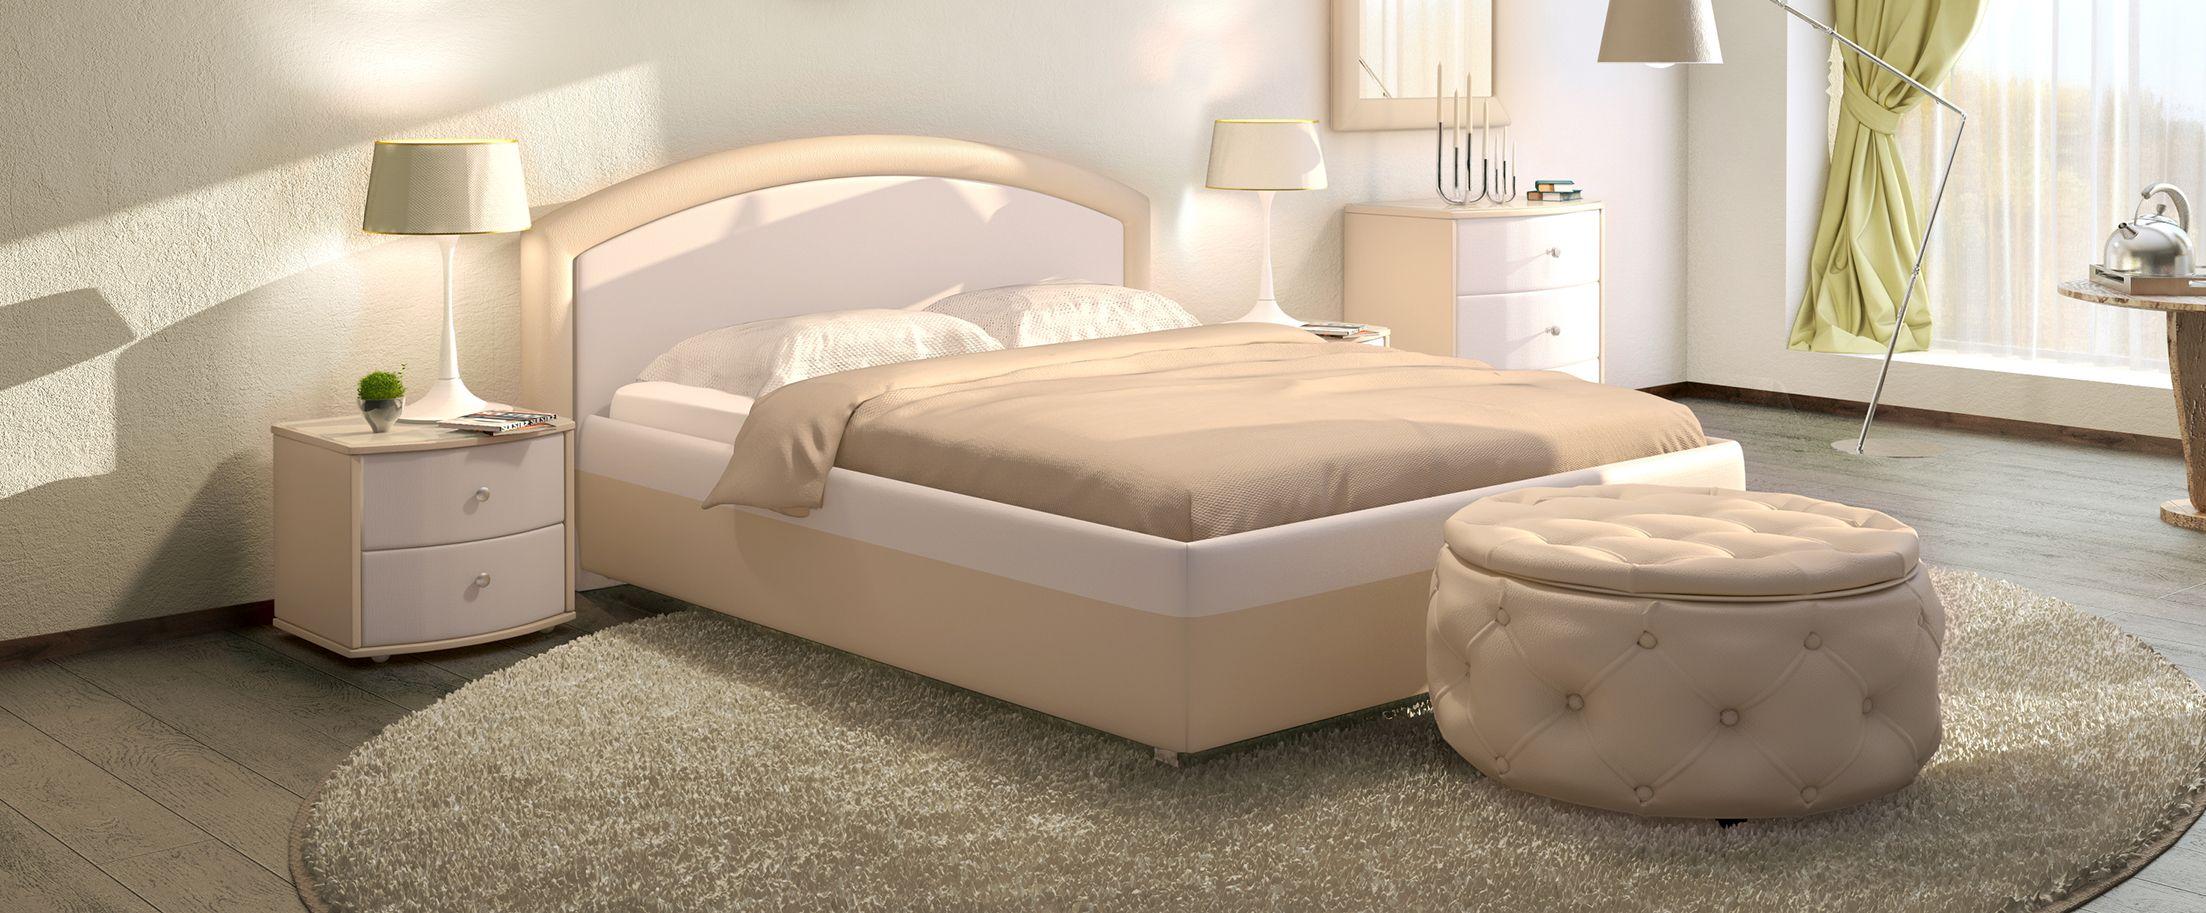 Кровать двуспальная Мирабель Модель 379Восхитительная кровать Мирабель – это истинное воплощение величественной элегантности. Сочетание контрастных обивочных материалов позволяет идеально вписать кровать в любой интерьер.